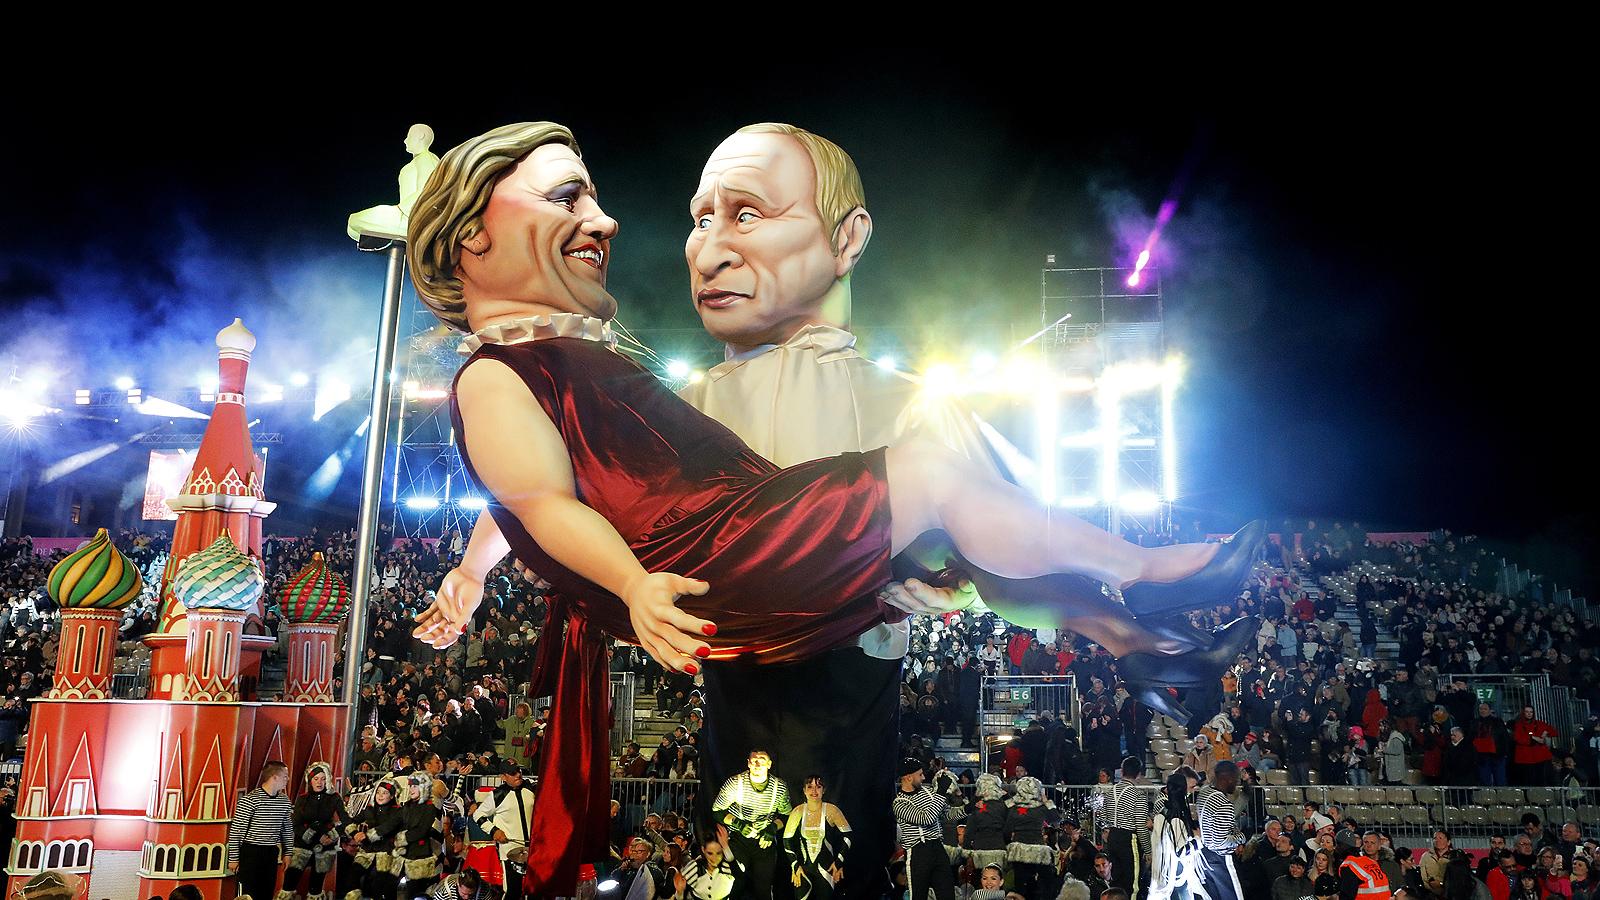 Огромни фигури с ликовете на американския президент Доналд Тръмп и руския му колега Владимир Путин, Чарли Чаплин зарадваха хилядите празнуващи, дошли на традиционния карнавал в Ница.